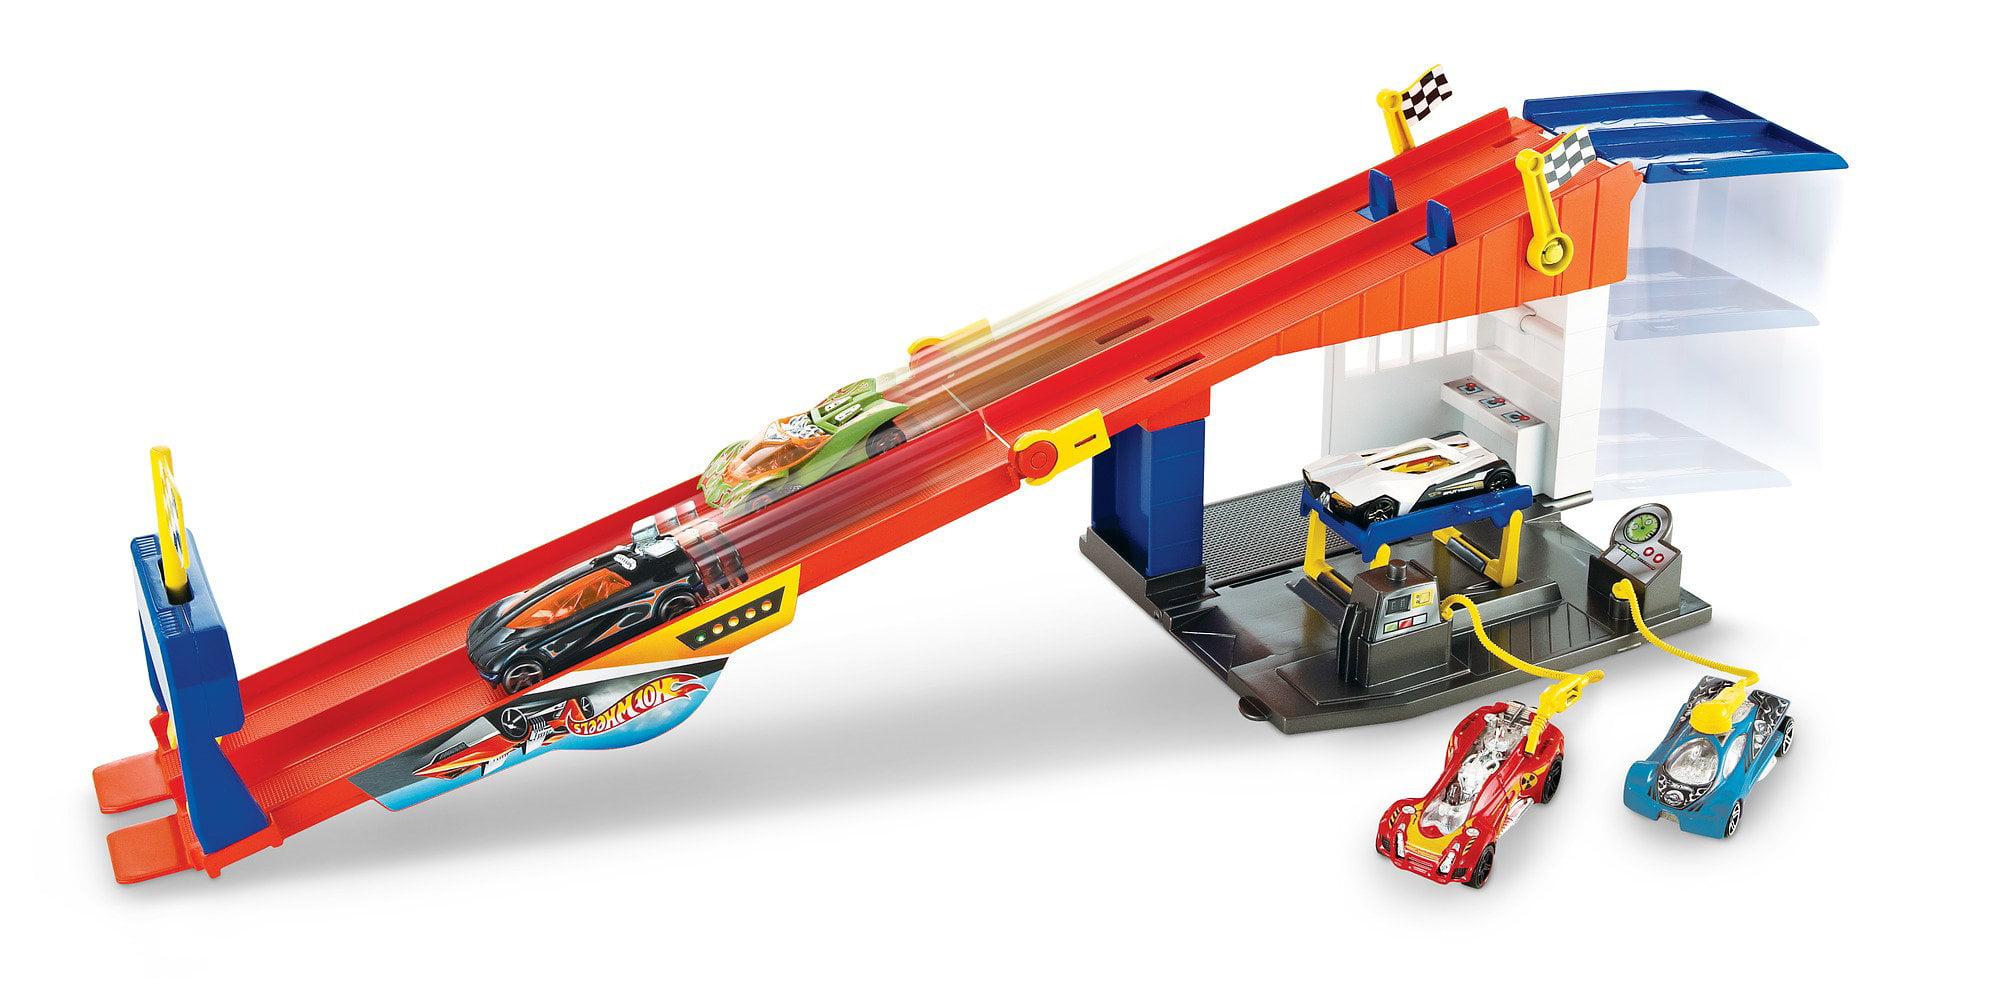 Hot Wheels Rooftop Race Garage by Mattel